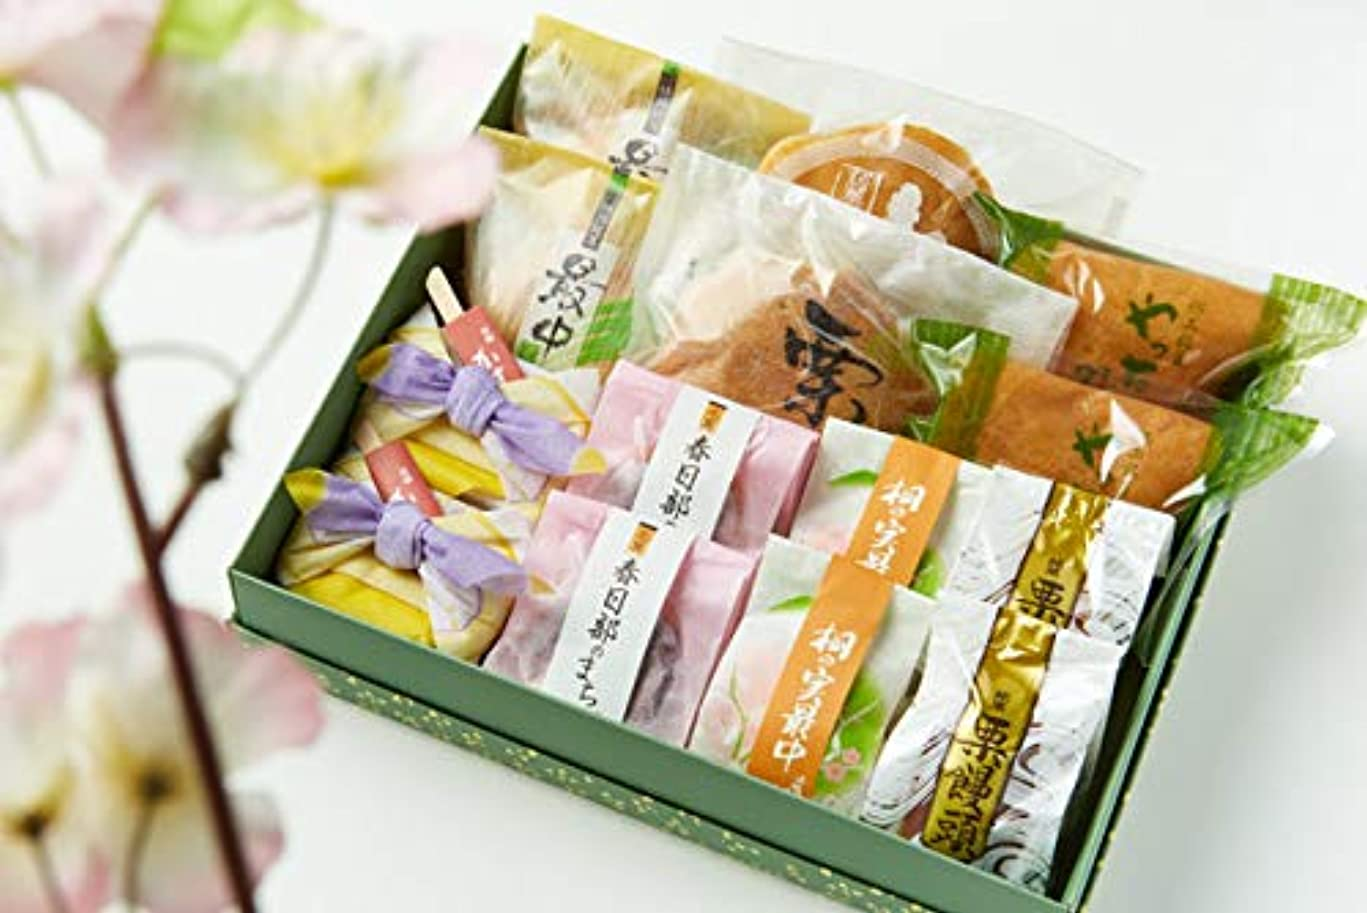 存在悲観主義者ペチュランス【Amazon限定商品】和菓子詰合せ(14個入)